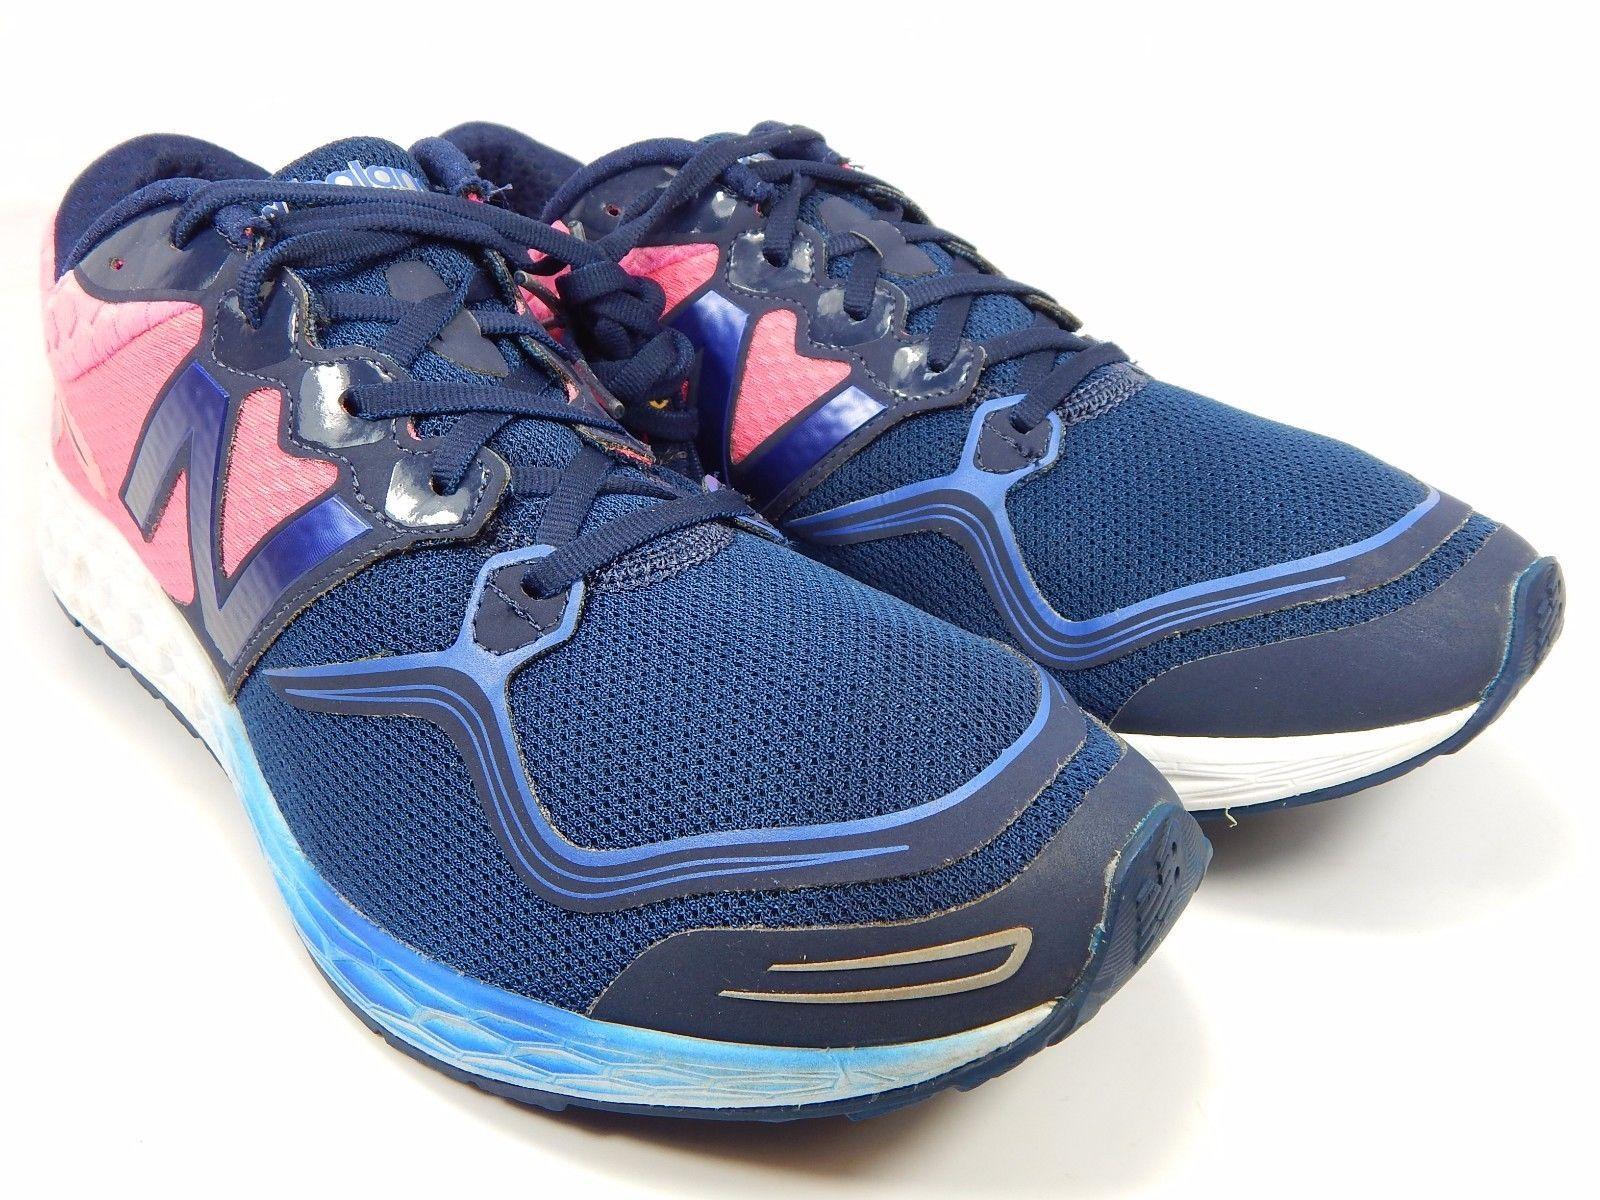 New Balance 1980 Fresh Foam Zante Men's Shoes Size US 12 M (D) EU 46.5 M1980BP